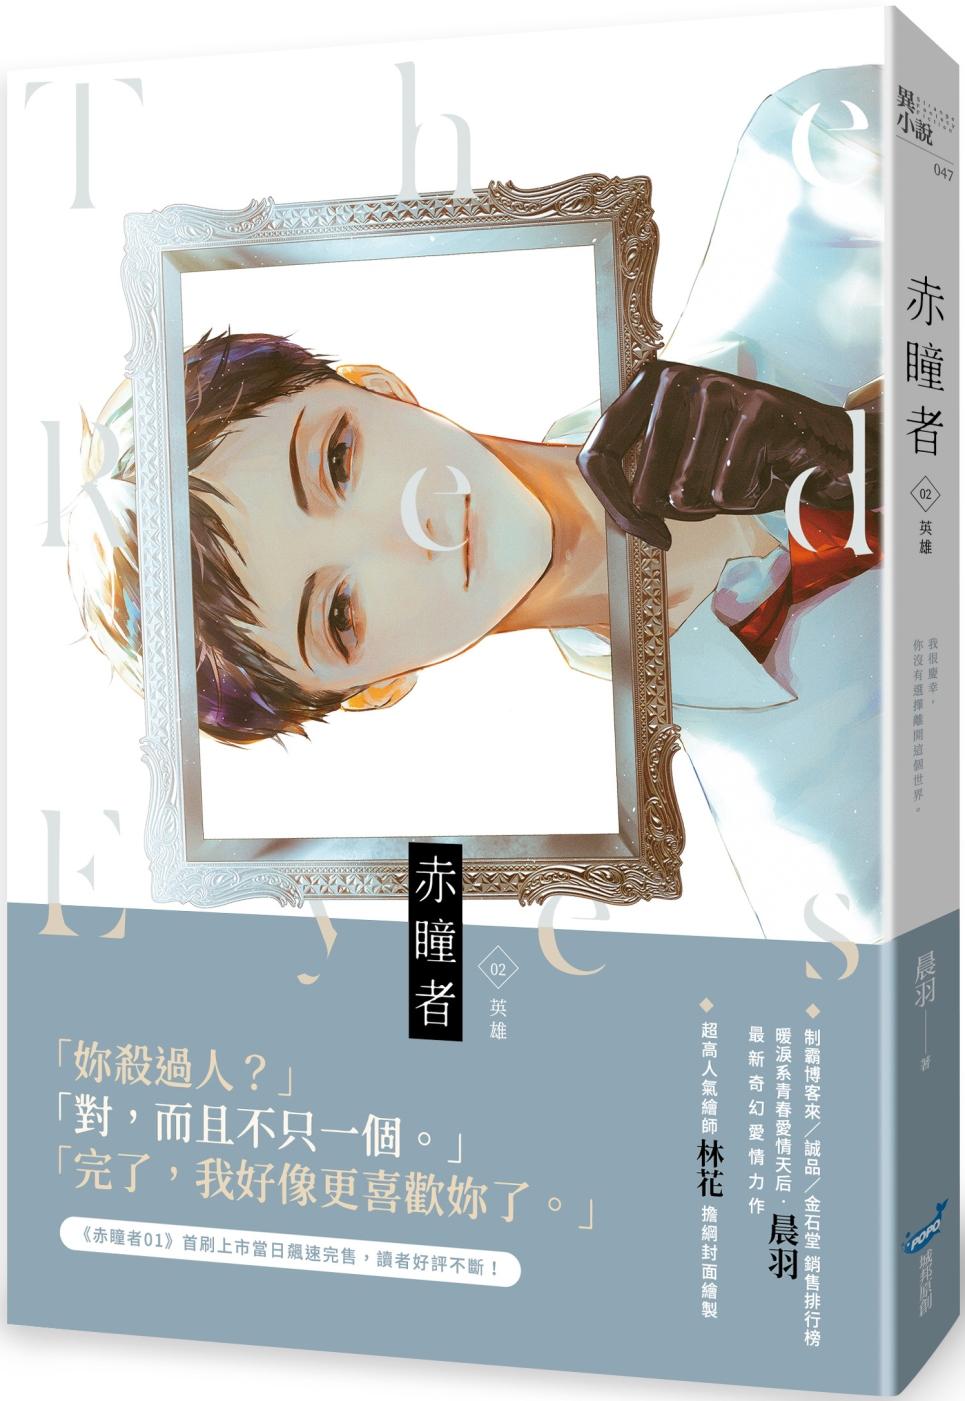 赤瞳者02英雄【明信片珍藏版】